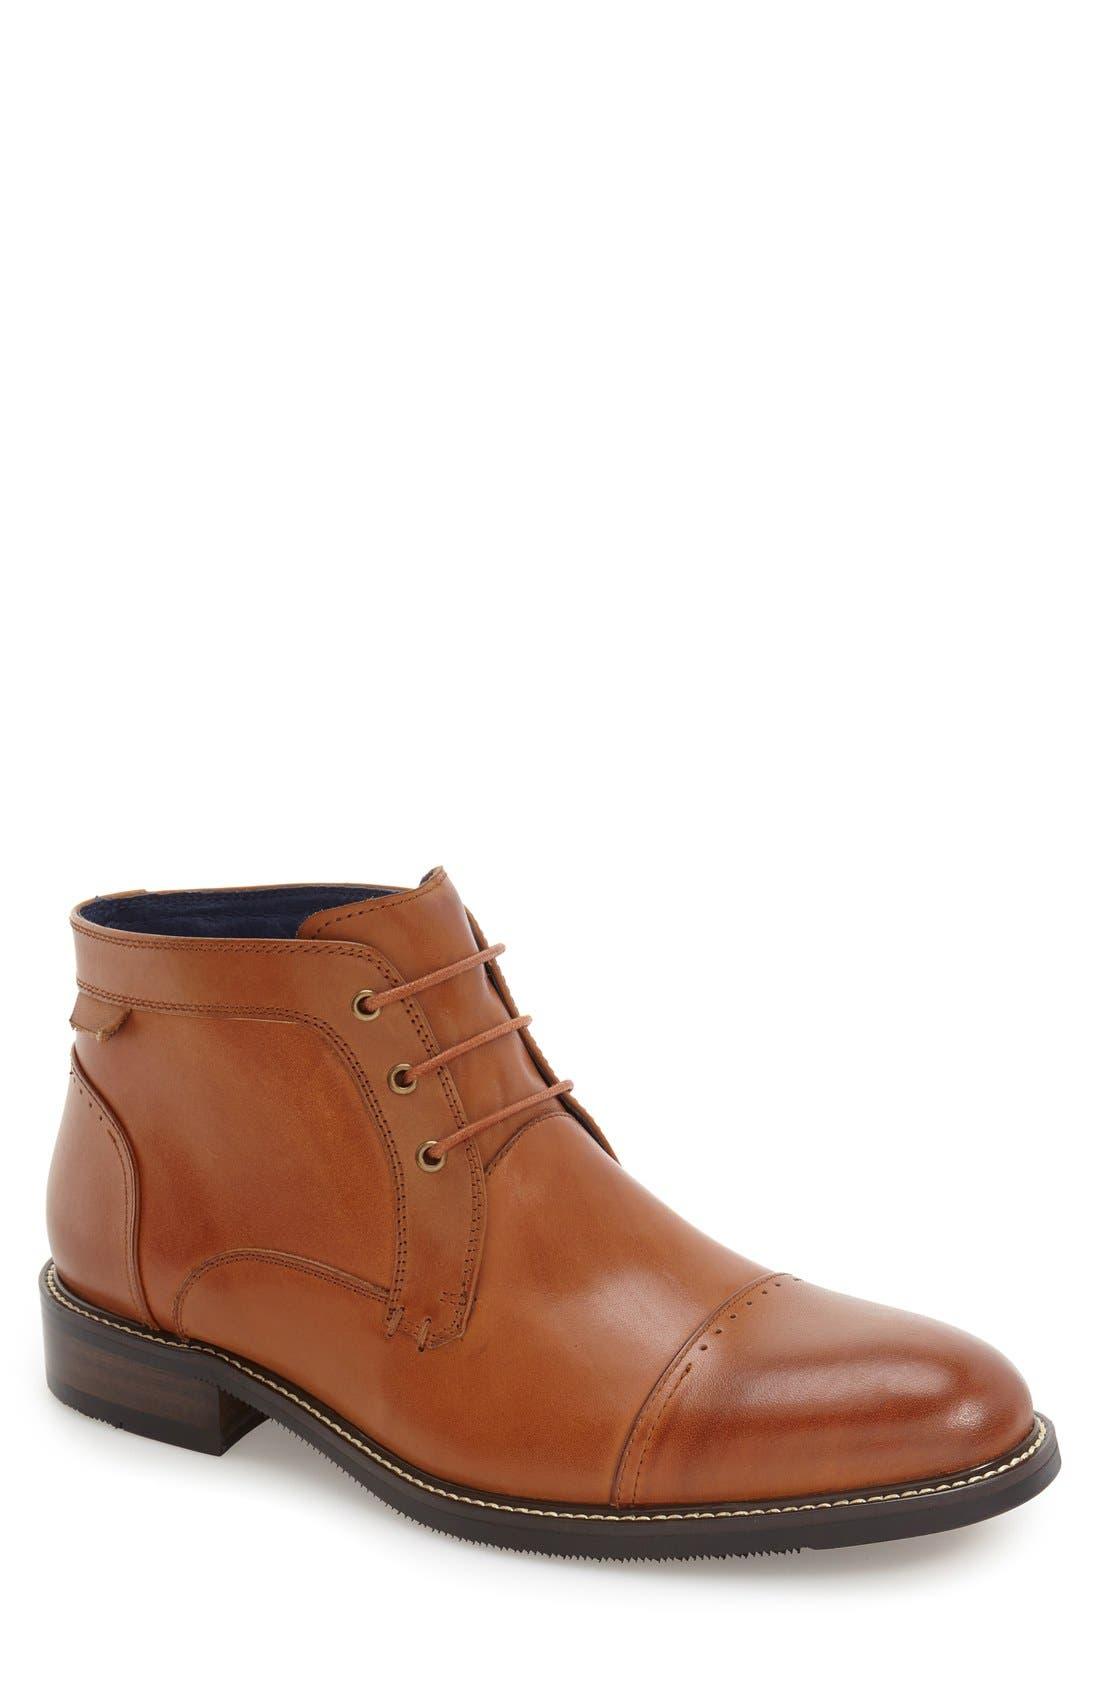 Zanzara 'Rubano' Chukka Boot (Men)